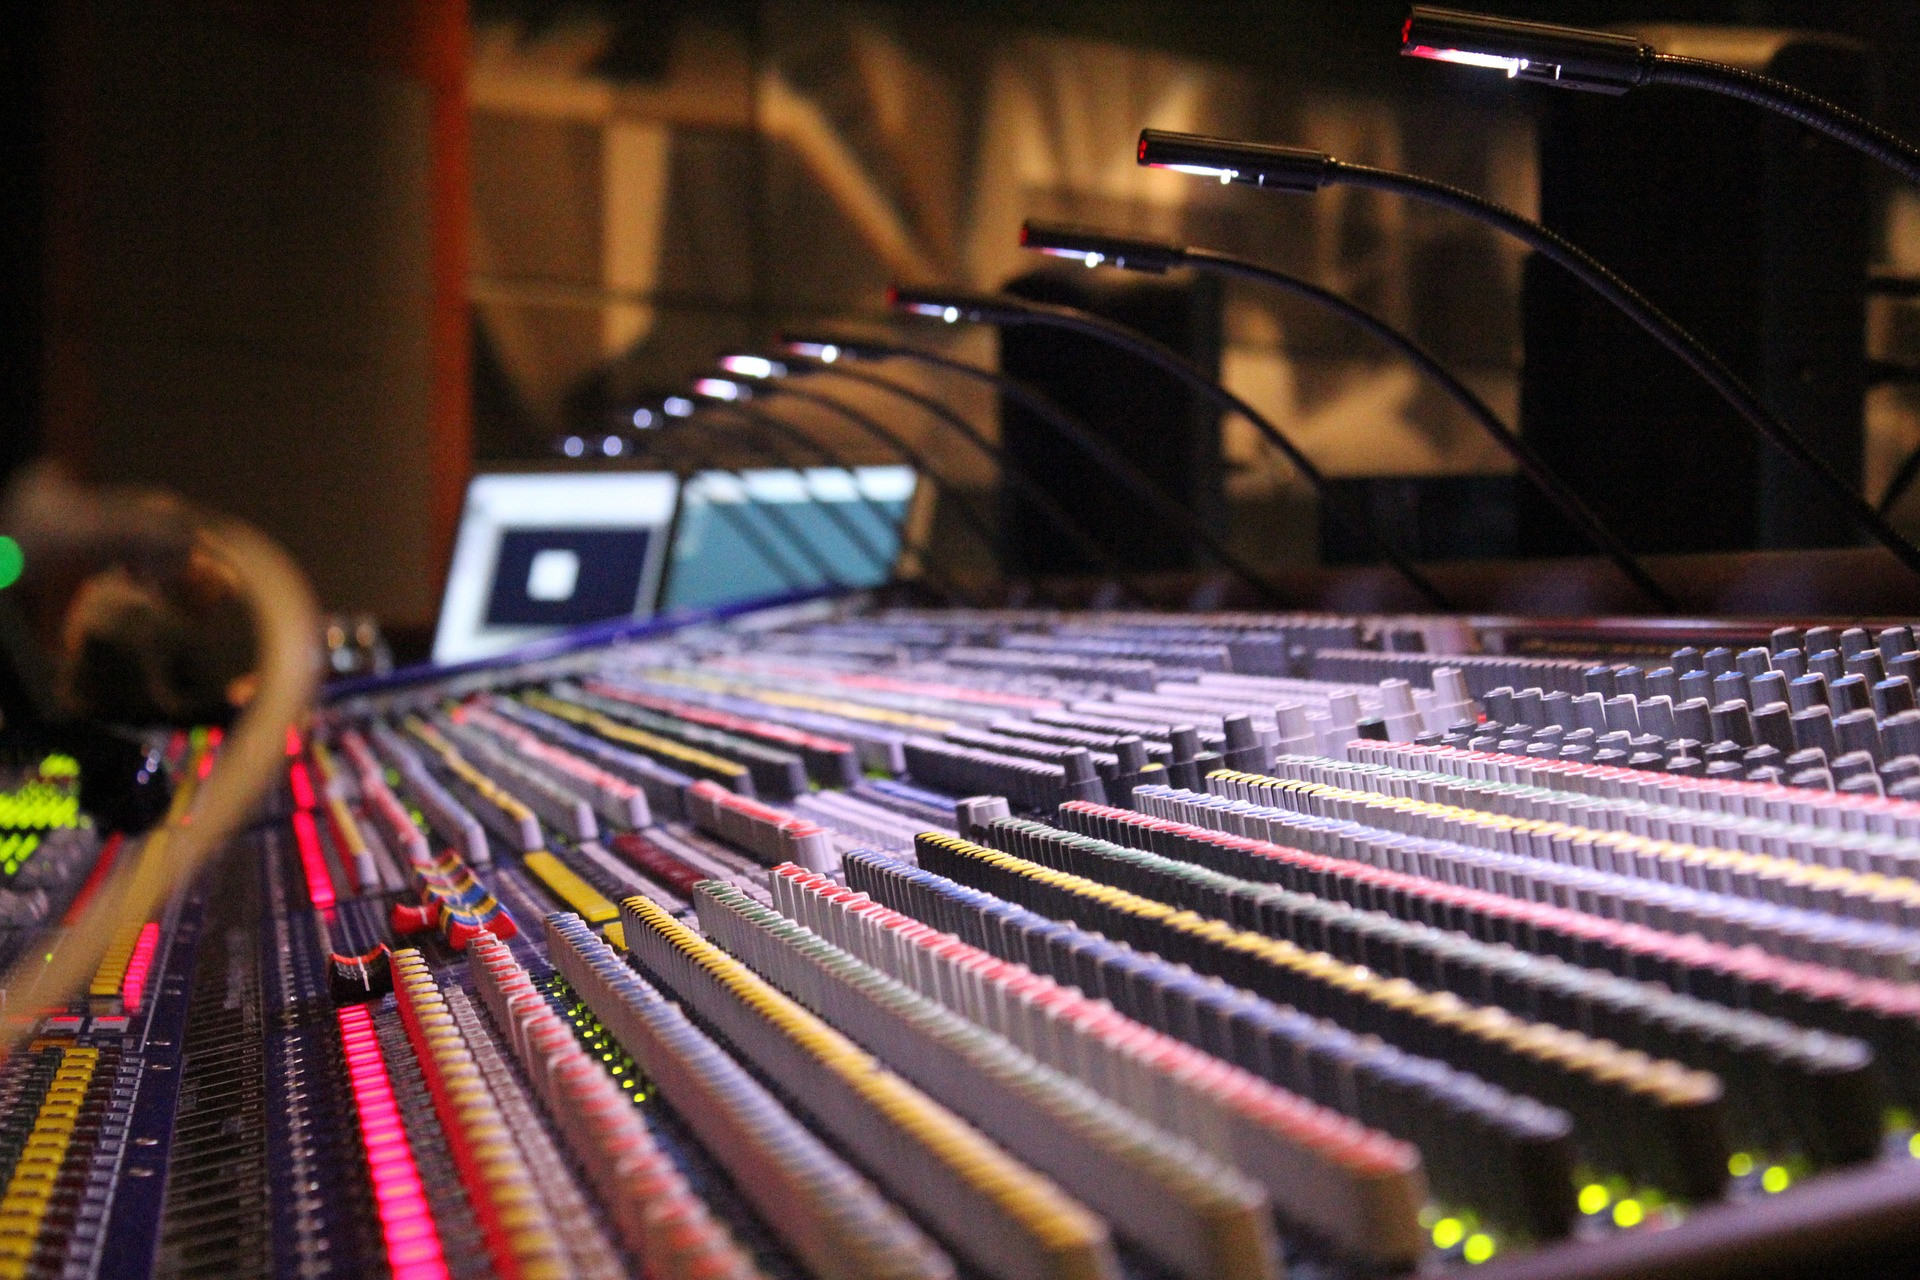 soundboard-785798_1920